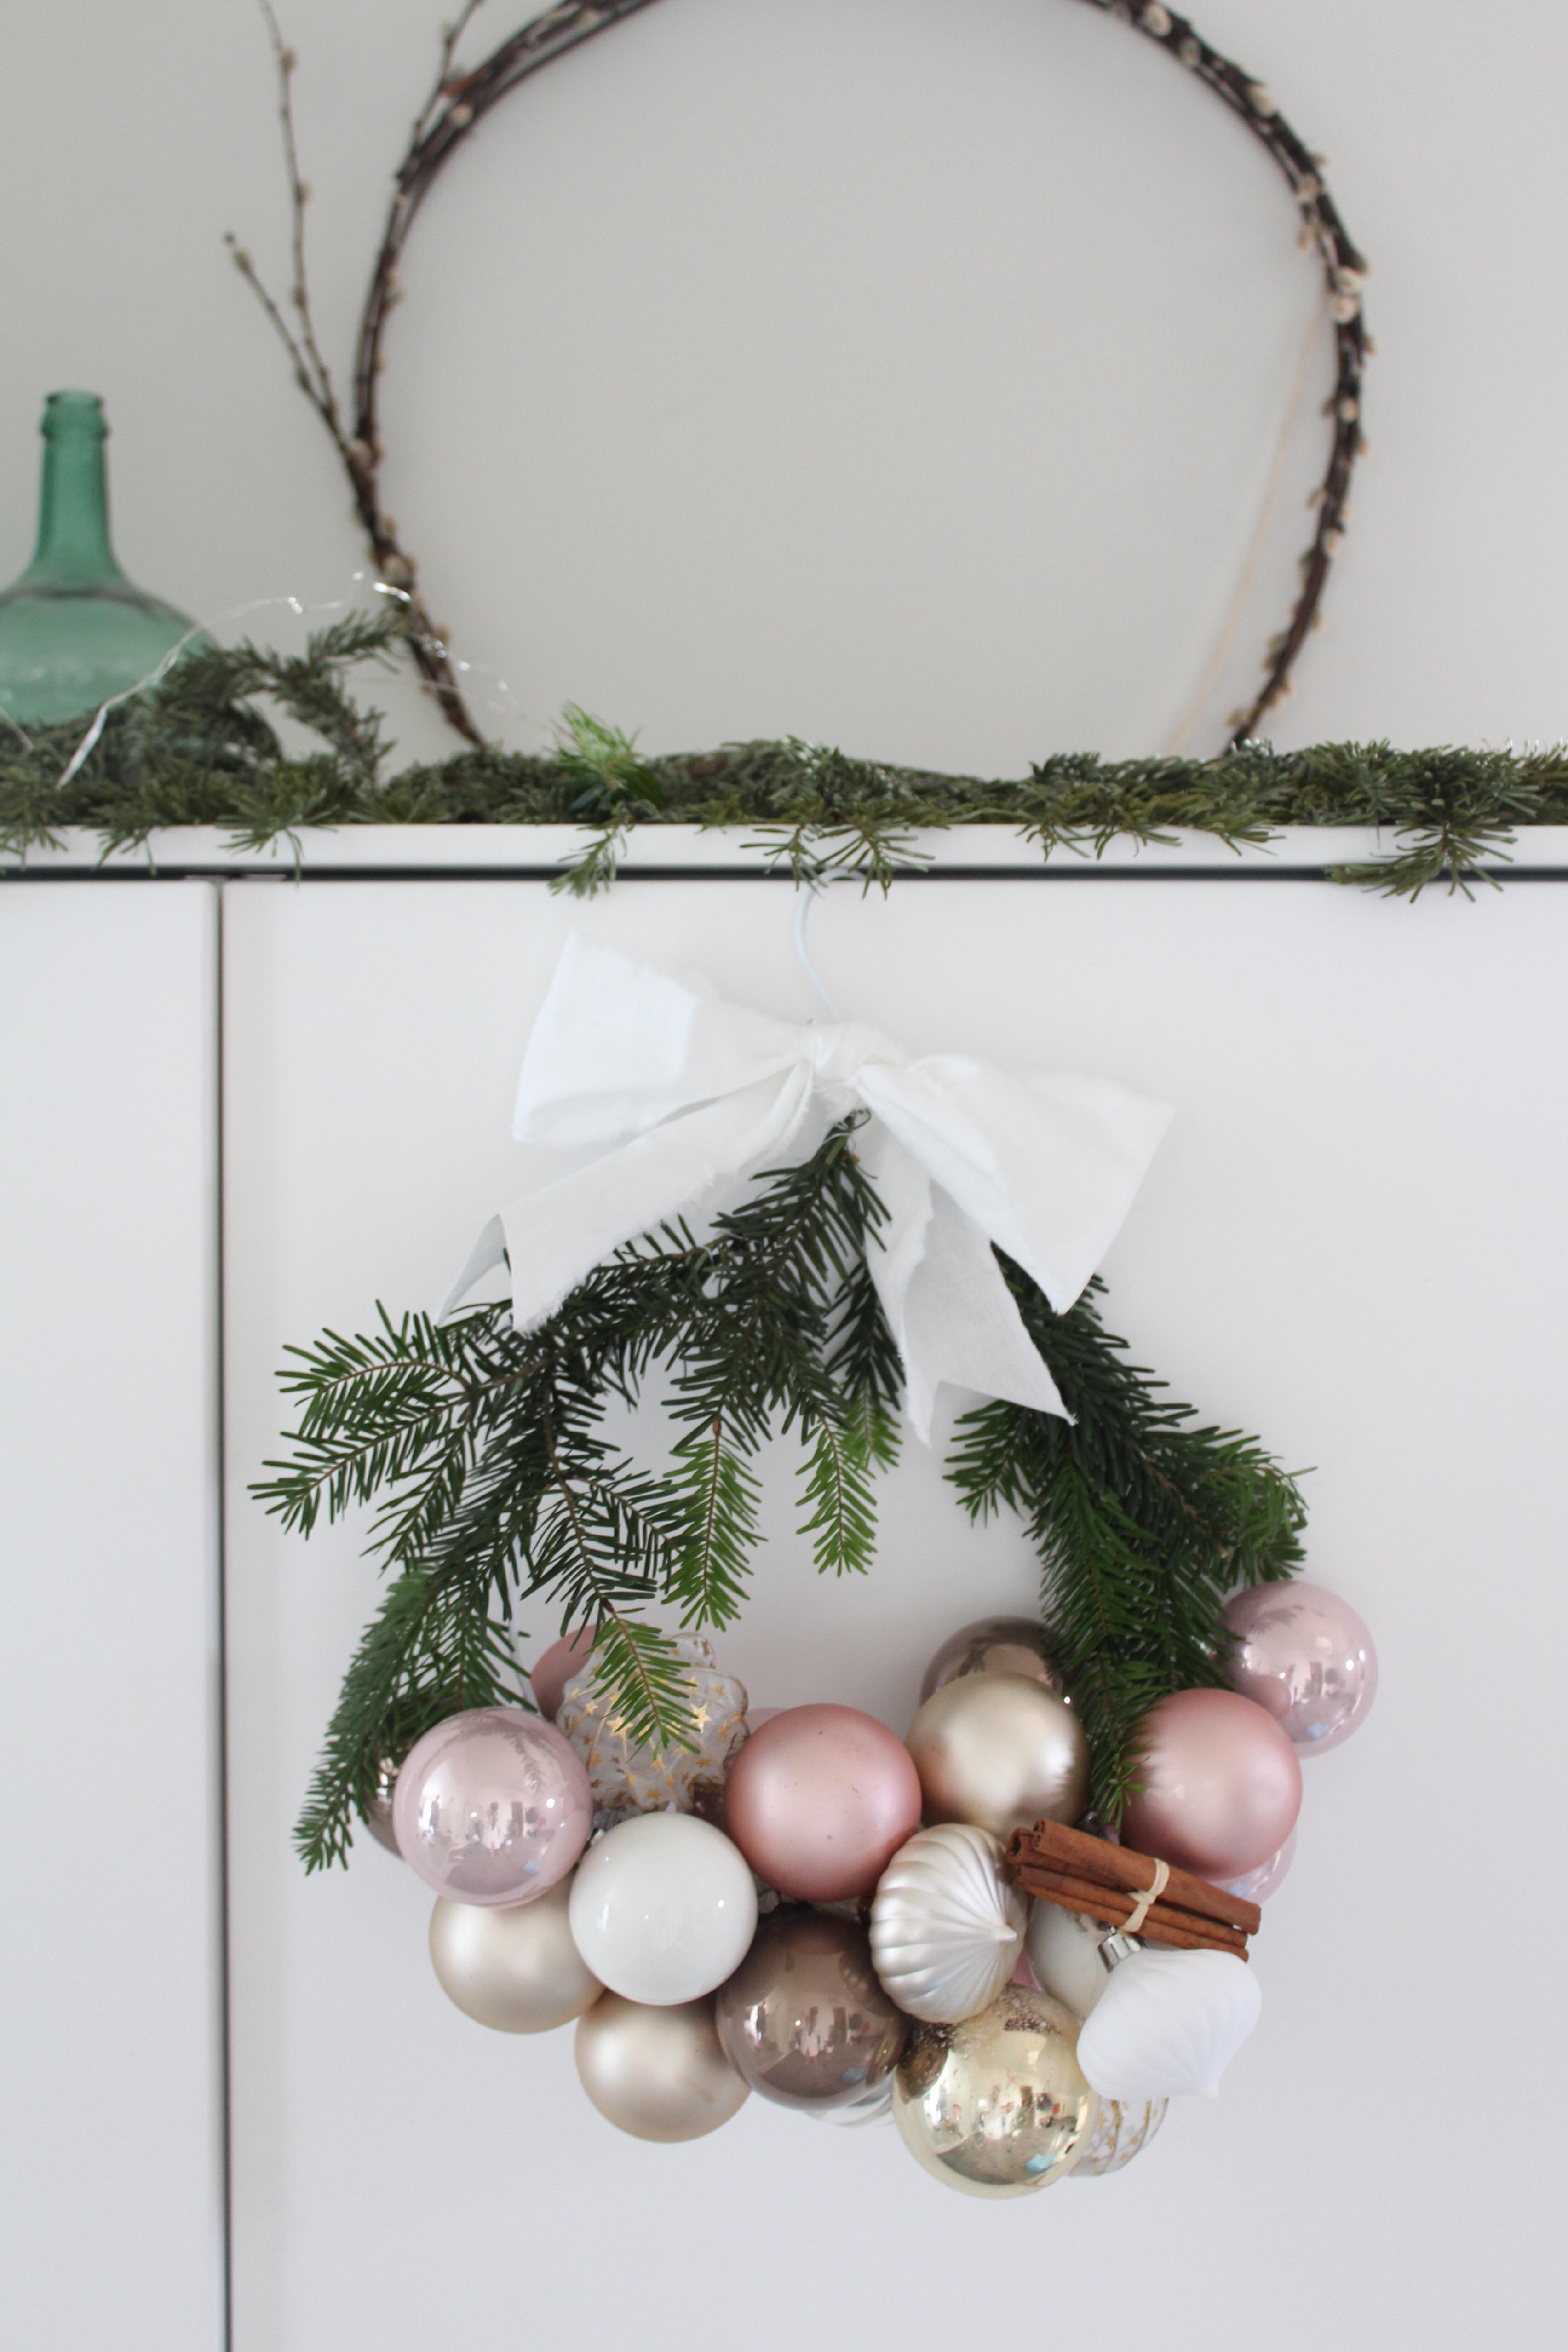 Julkrans av julgranskulor och en galge